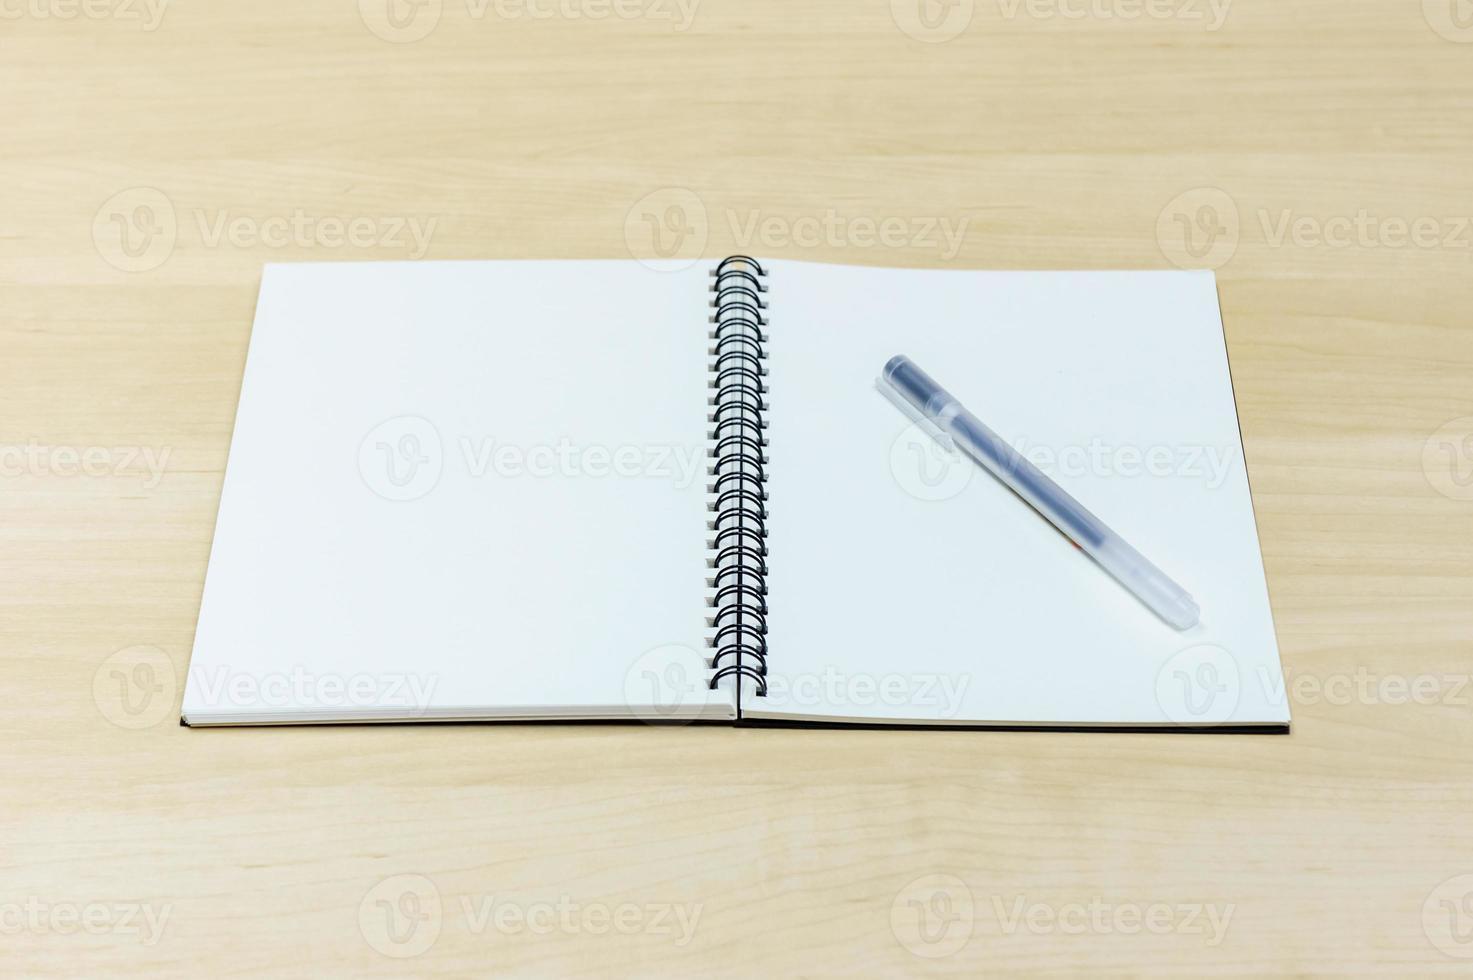 bolígrafo y cuaderno sobre escritorio de madera foto